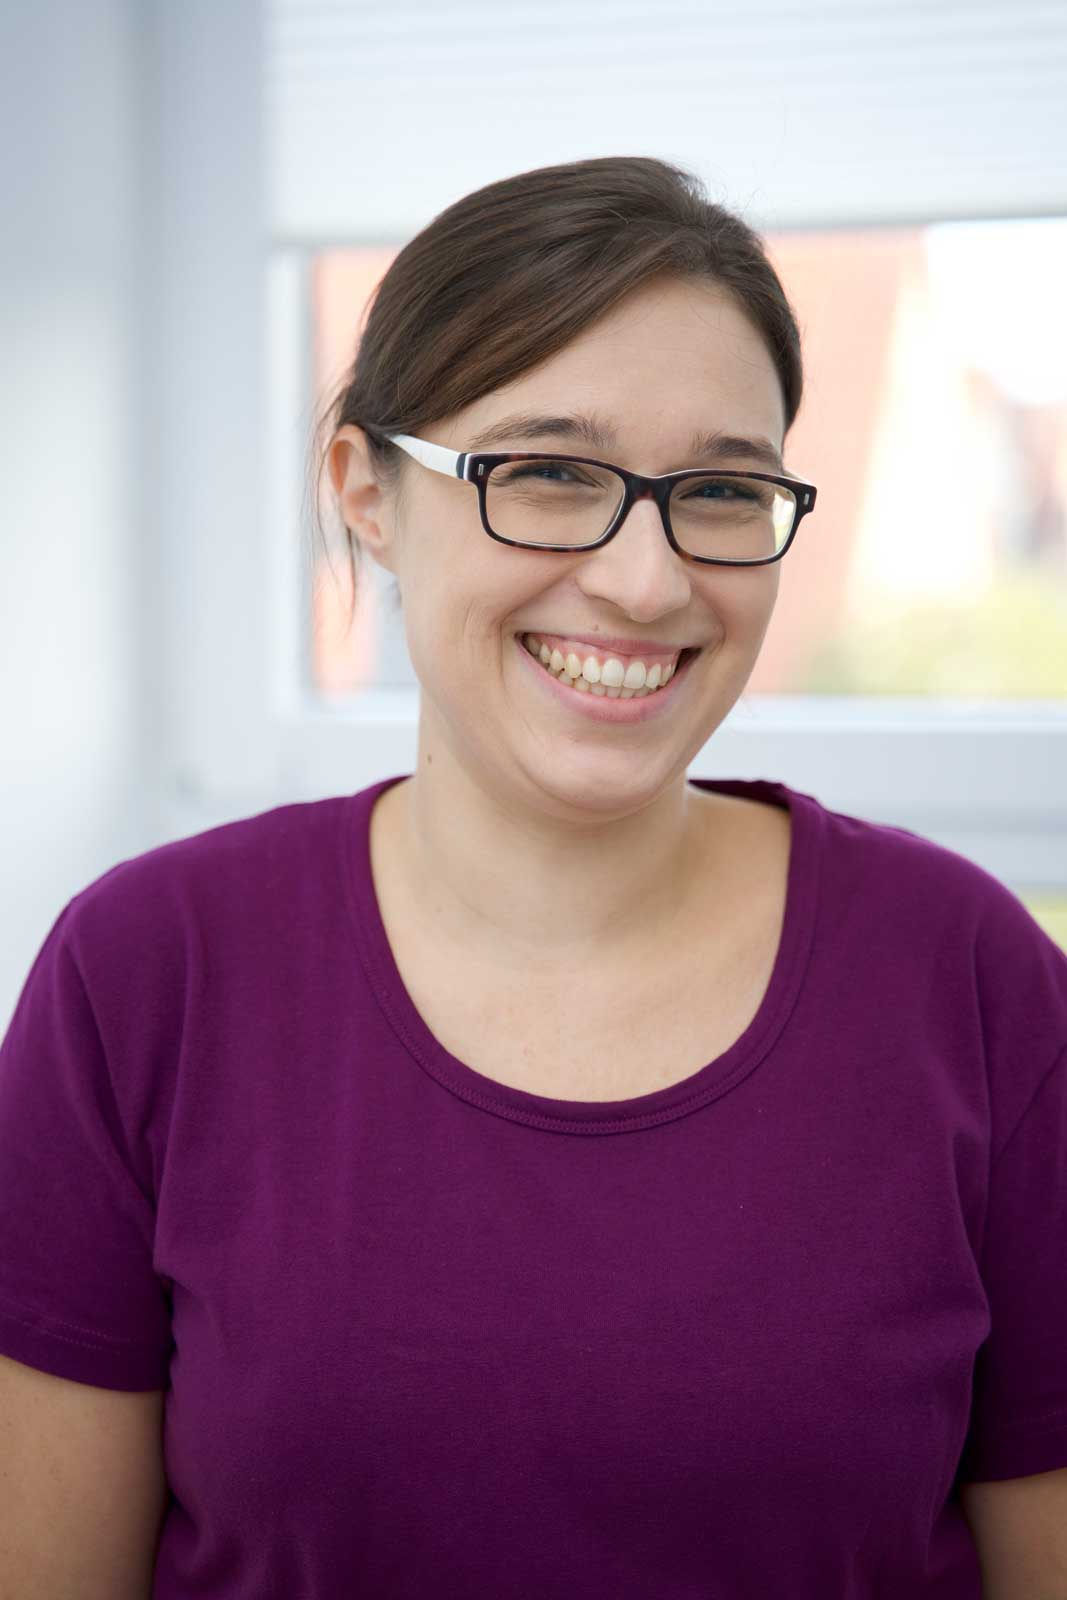 Sarah Cardinale